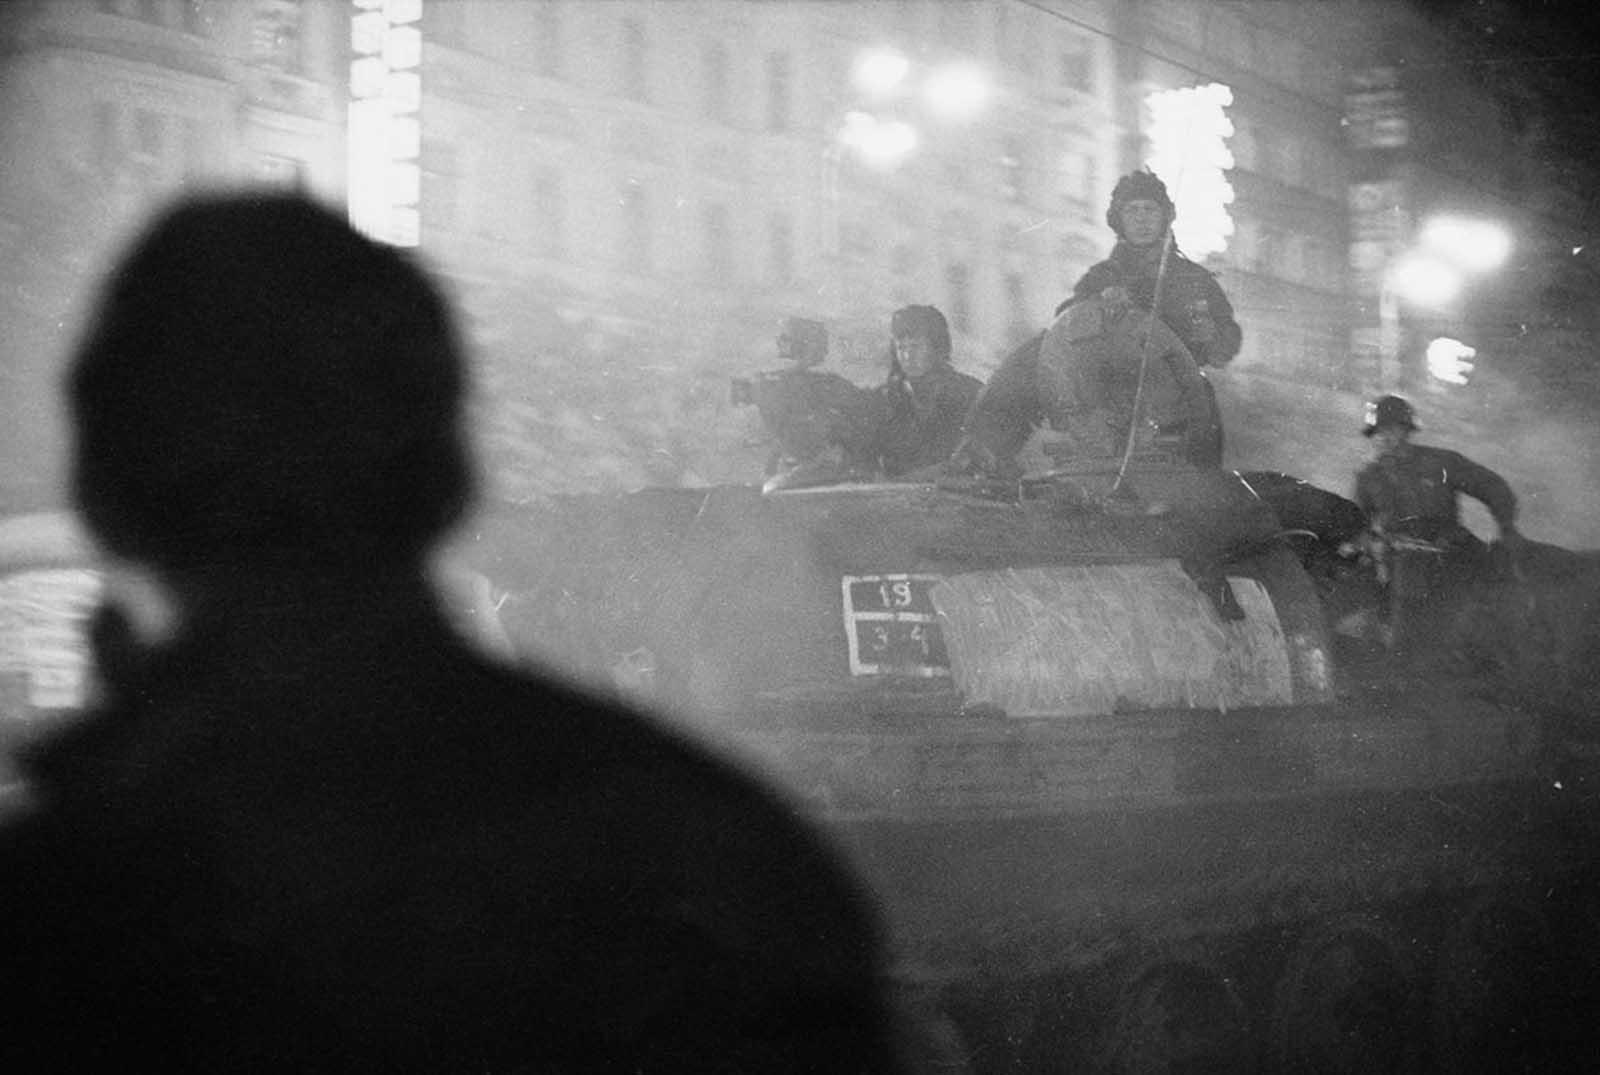 Una figura en la sombra observa cómo los tanques soviéticos avanzan por las calles de Praga después del anochecer de agosto de 1968.